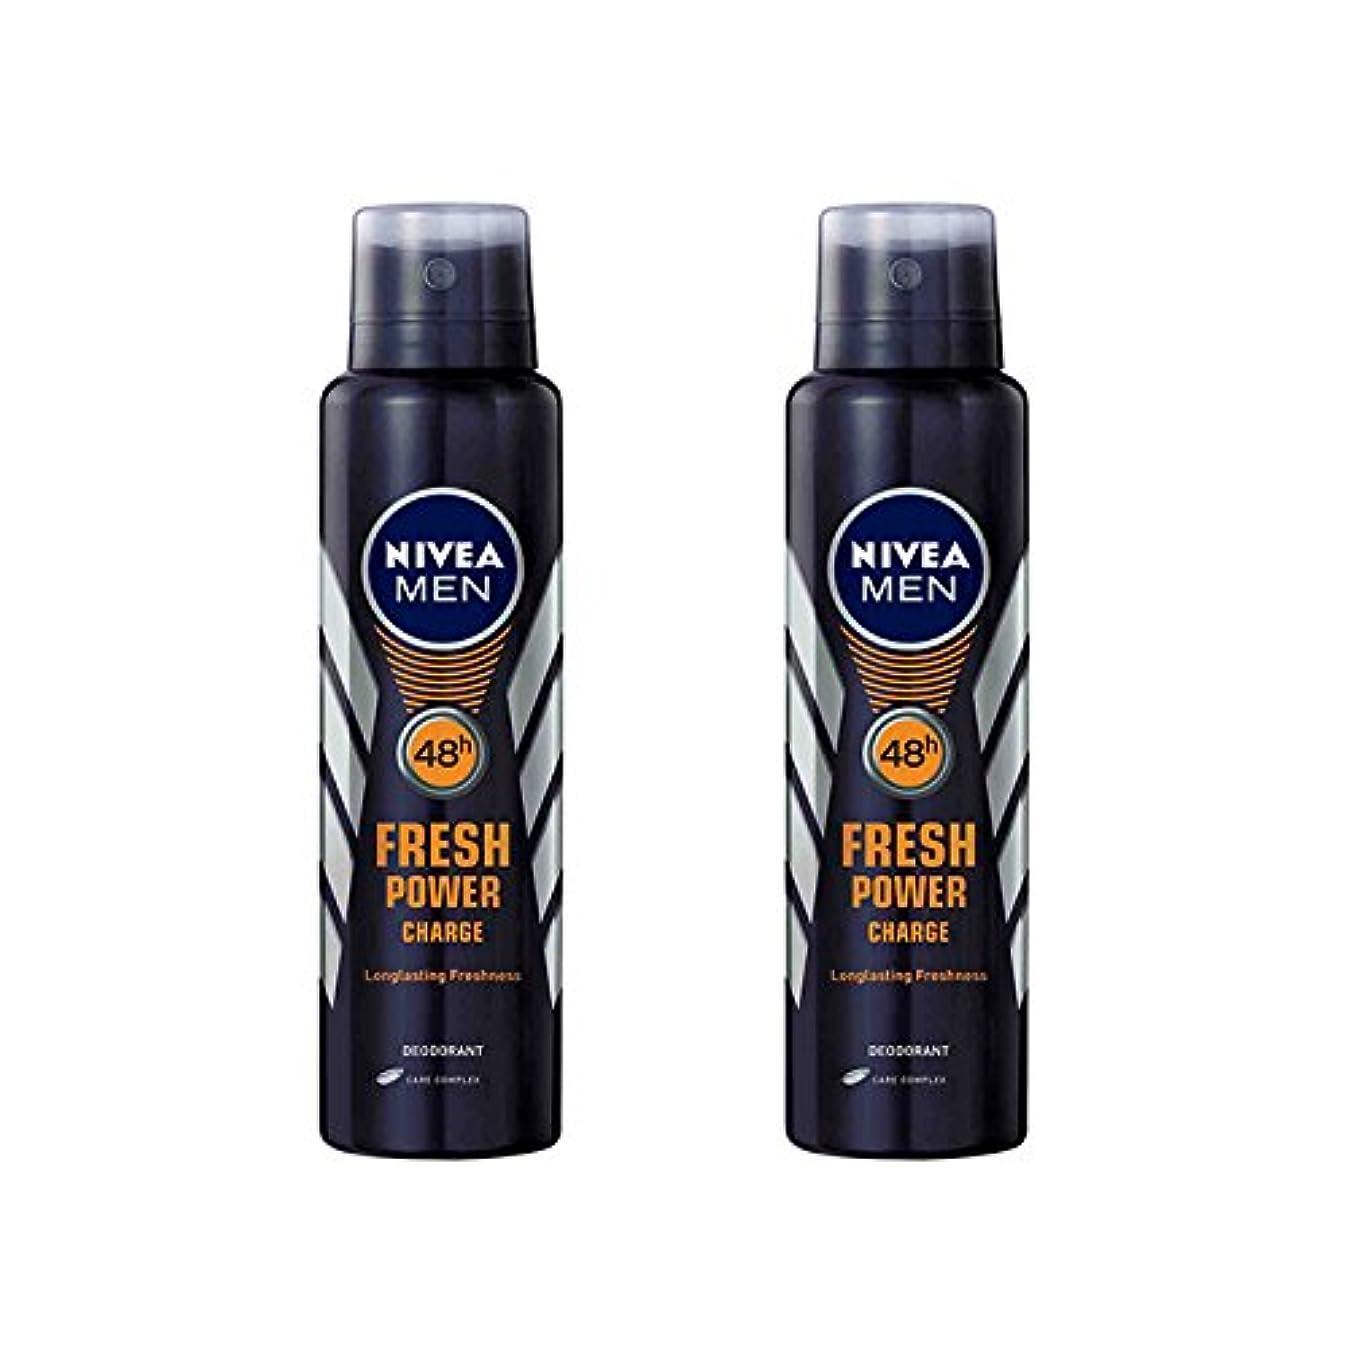 名前物理的に葉っぱ2 Lots X Nivea Male Deodorant Fresh Power Charge, 150ml - 並行輸入品 - 2ロットXニベア男性デオドラントフレッシュパワーチャージ、150ml